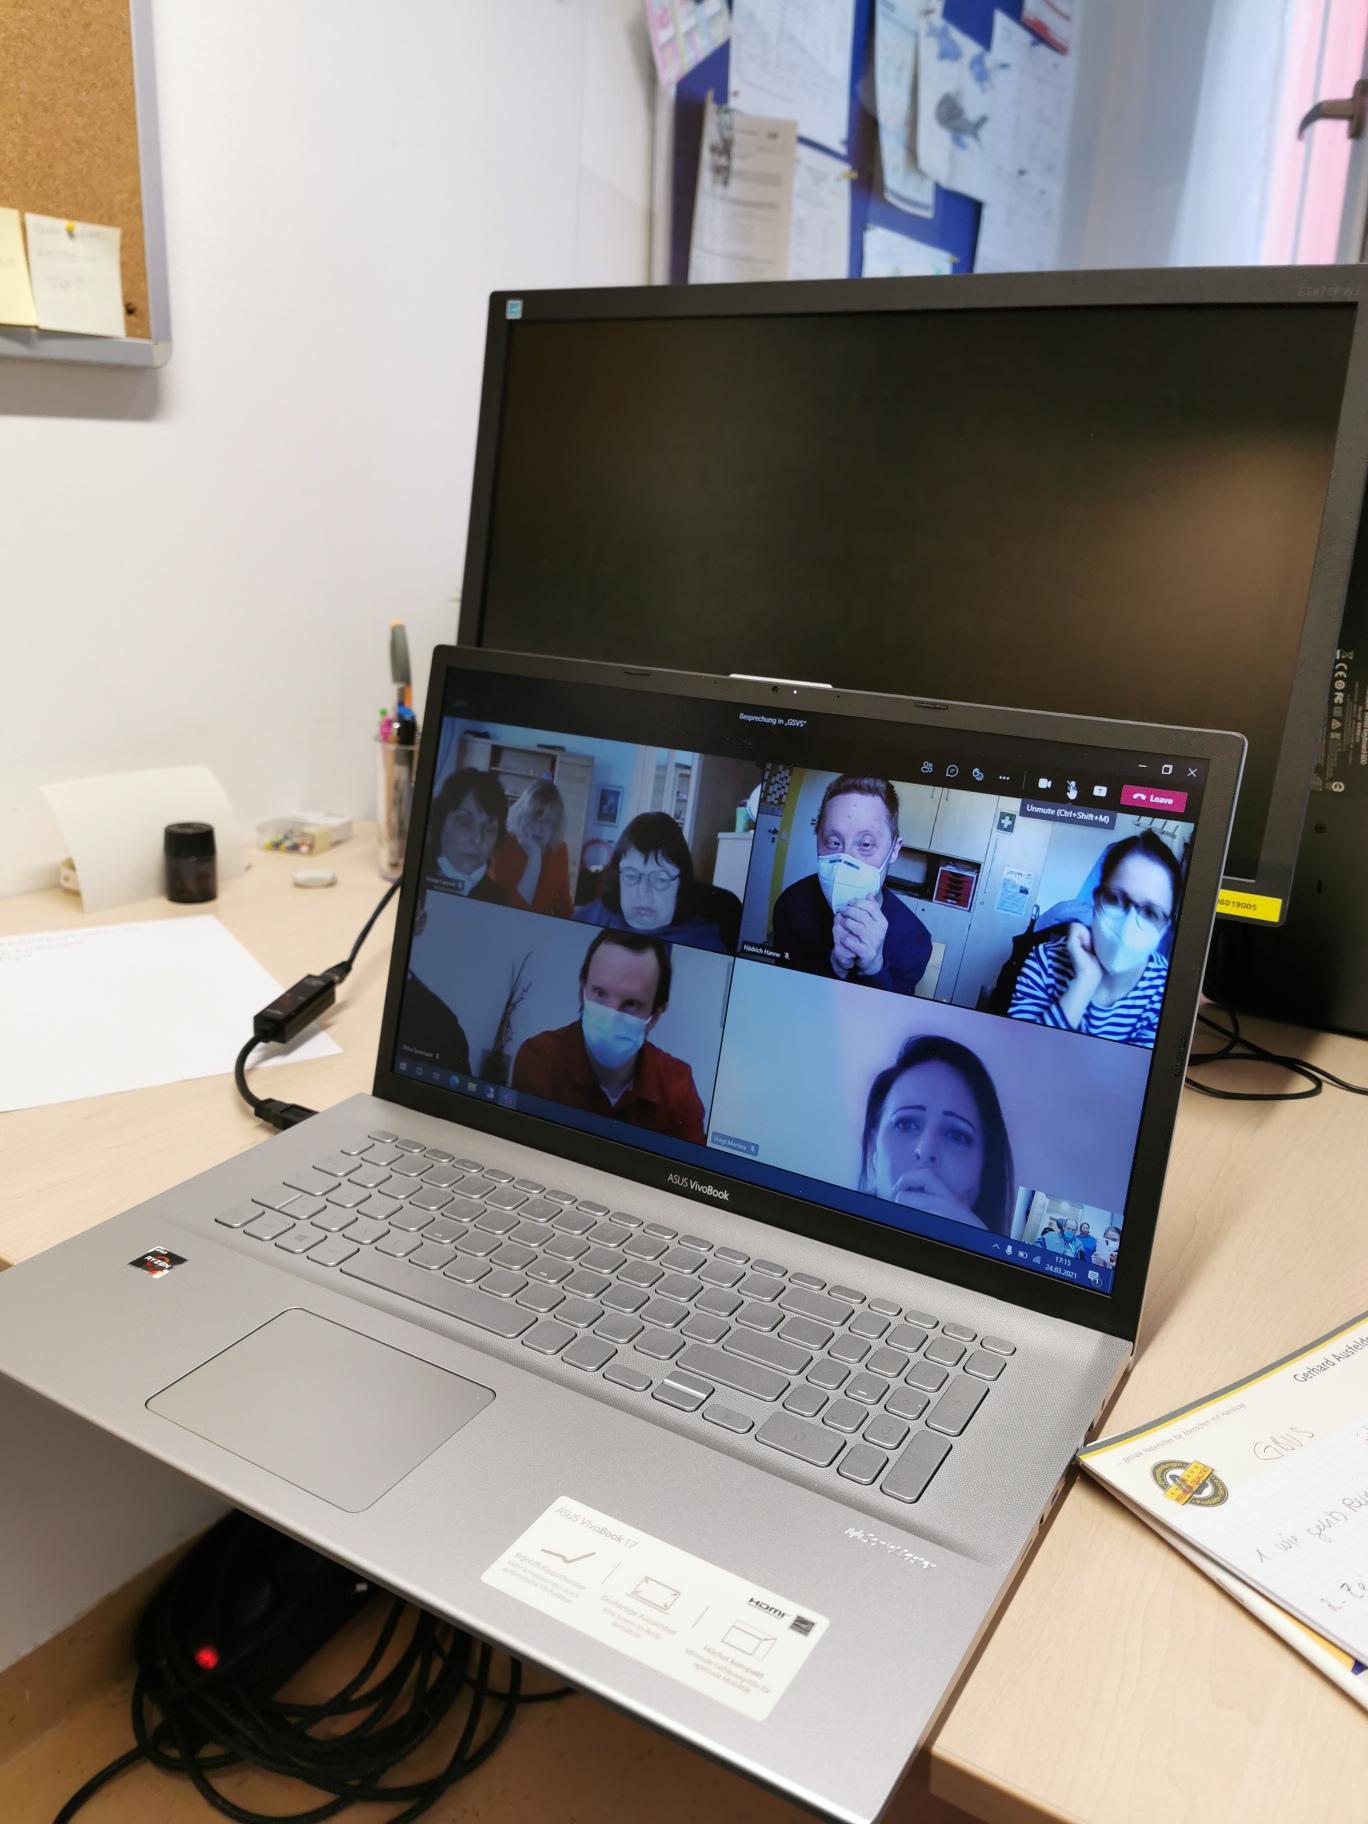 Alle Teilnehmer*innen von der ersten Videokonferenz begeistert. Selbstvertreter*innen waren durch die Fachdienste bestens auf das Medium PC vorbereitet.